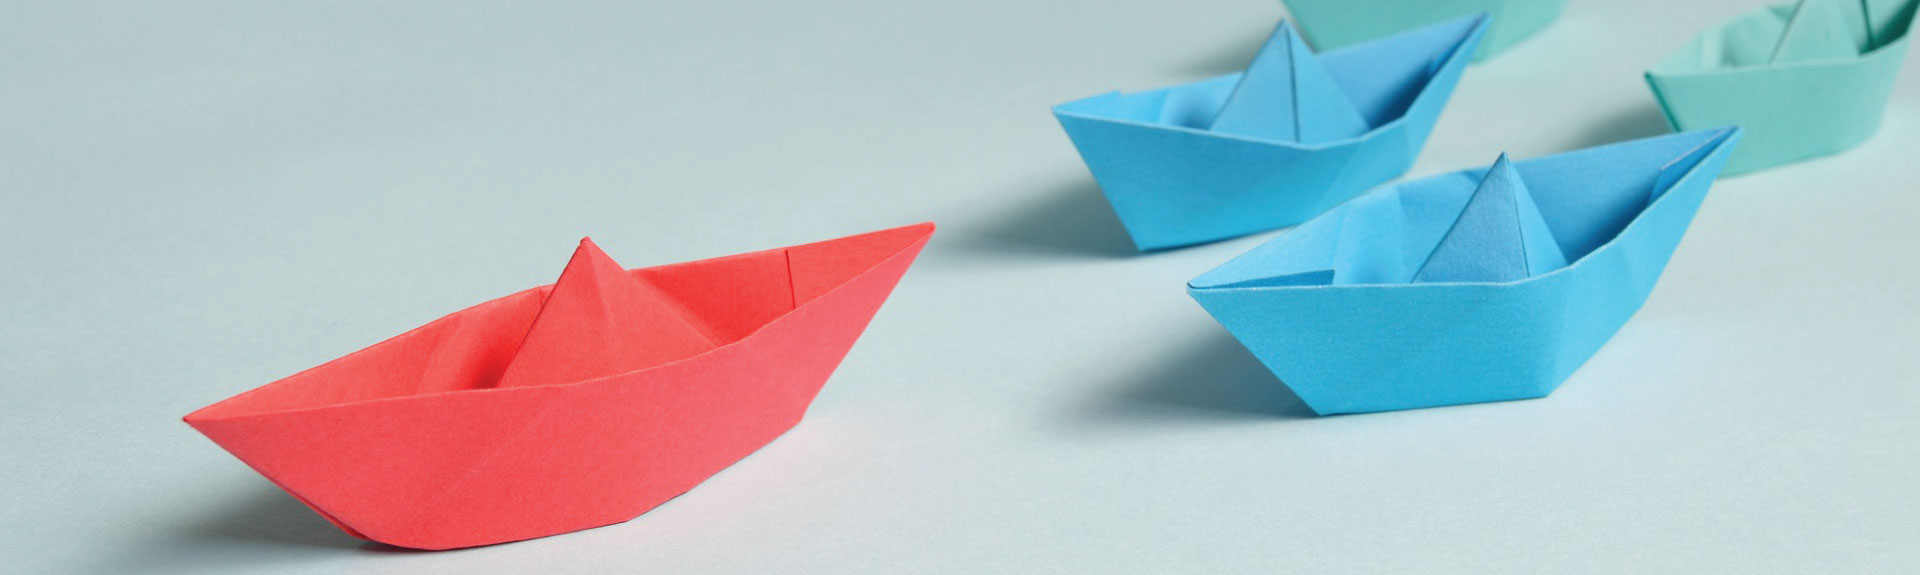 We lead: integrare per rispondere alla complessità